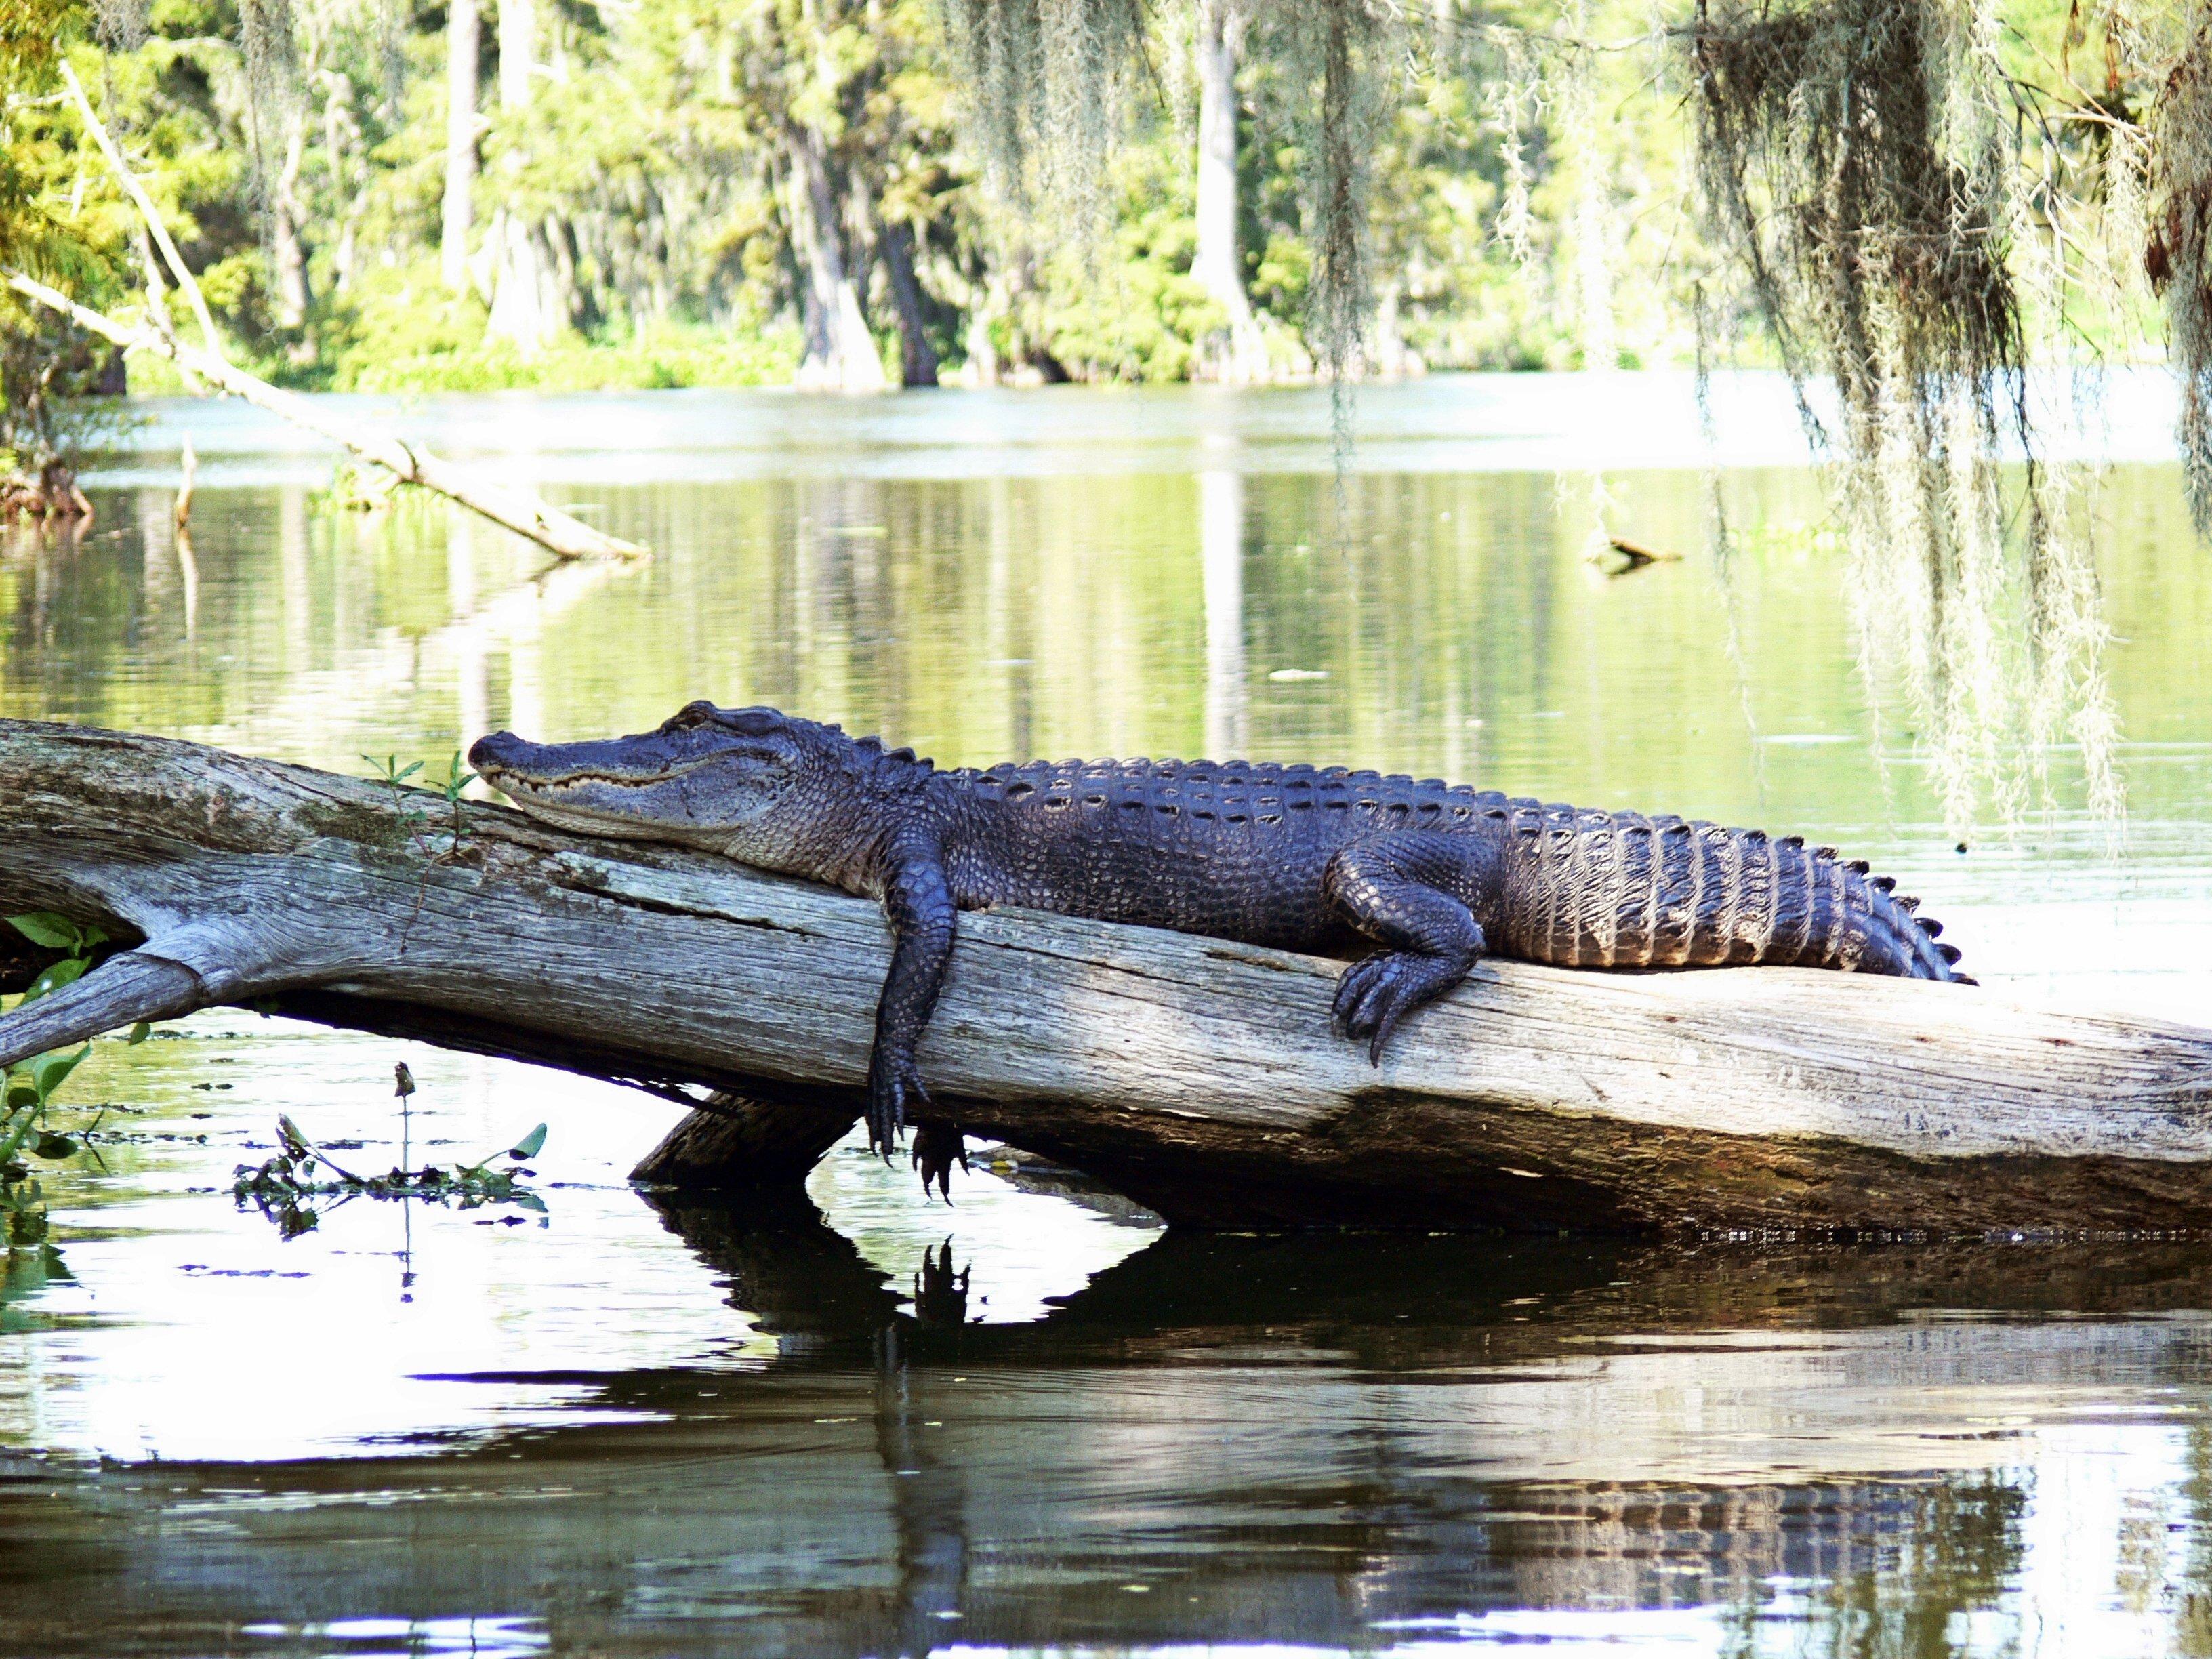 Cocodrilo posa relajado sobre su tronco de árbol en el agua.